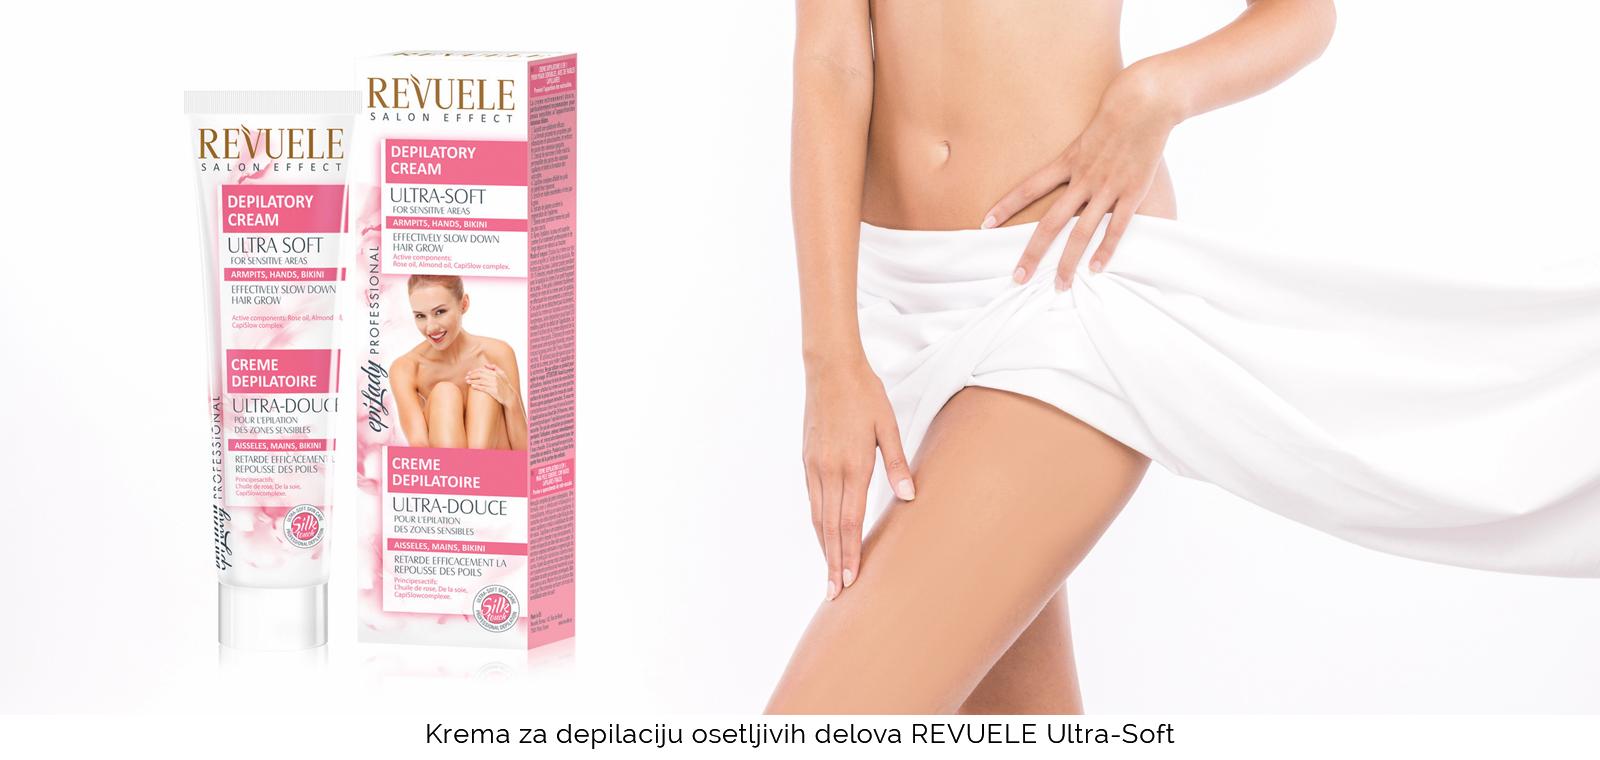 Kreme za depilaciju osetljivih delova tela